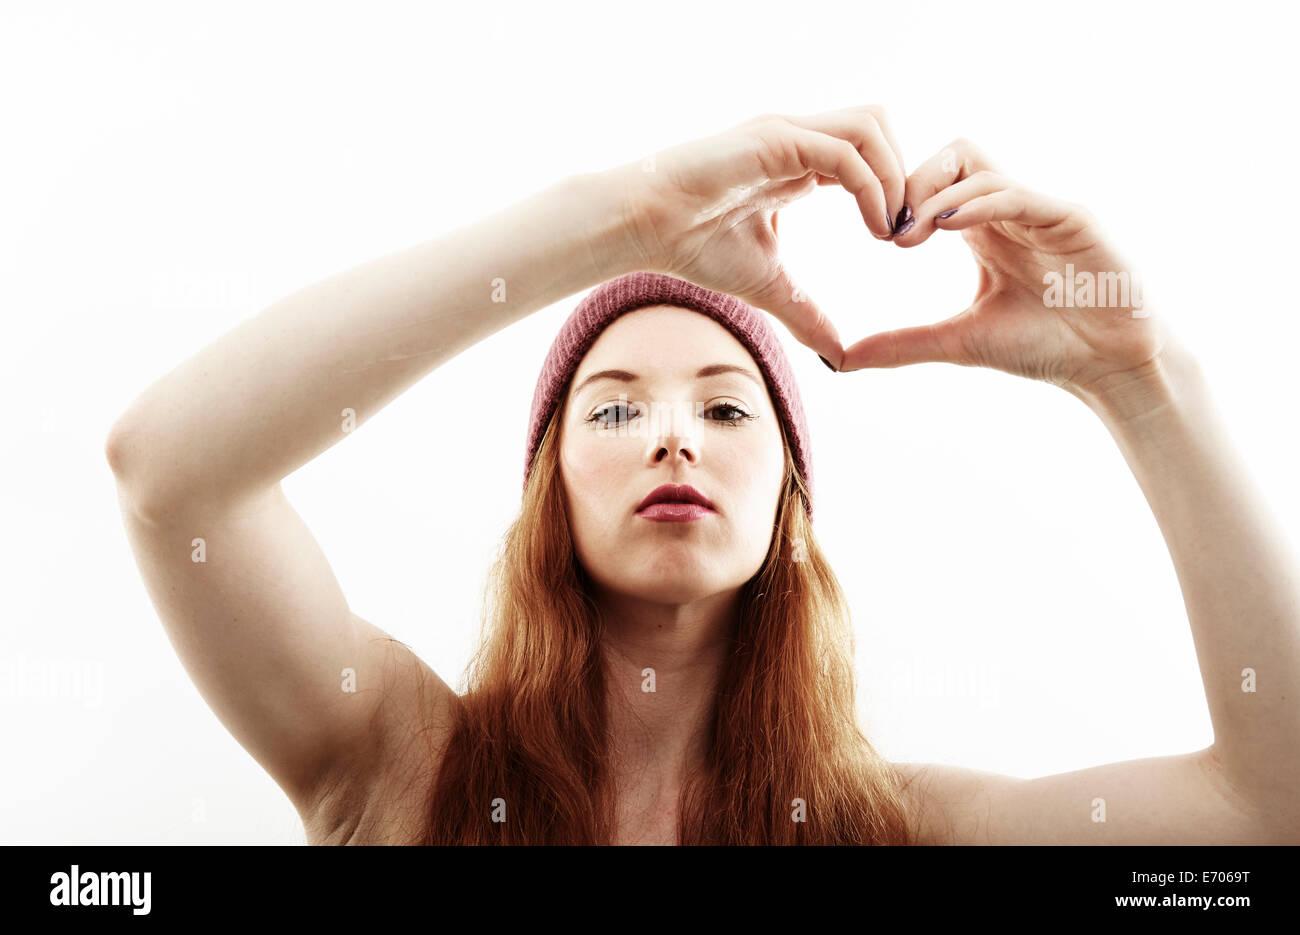 Retrato de estudio de joven mujer haciendo forma de corazón con las manos Imagen De Stock